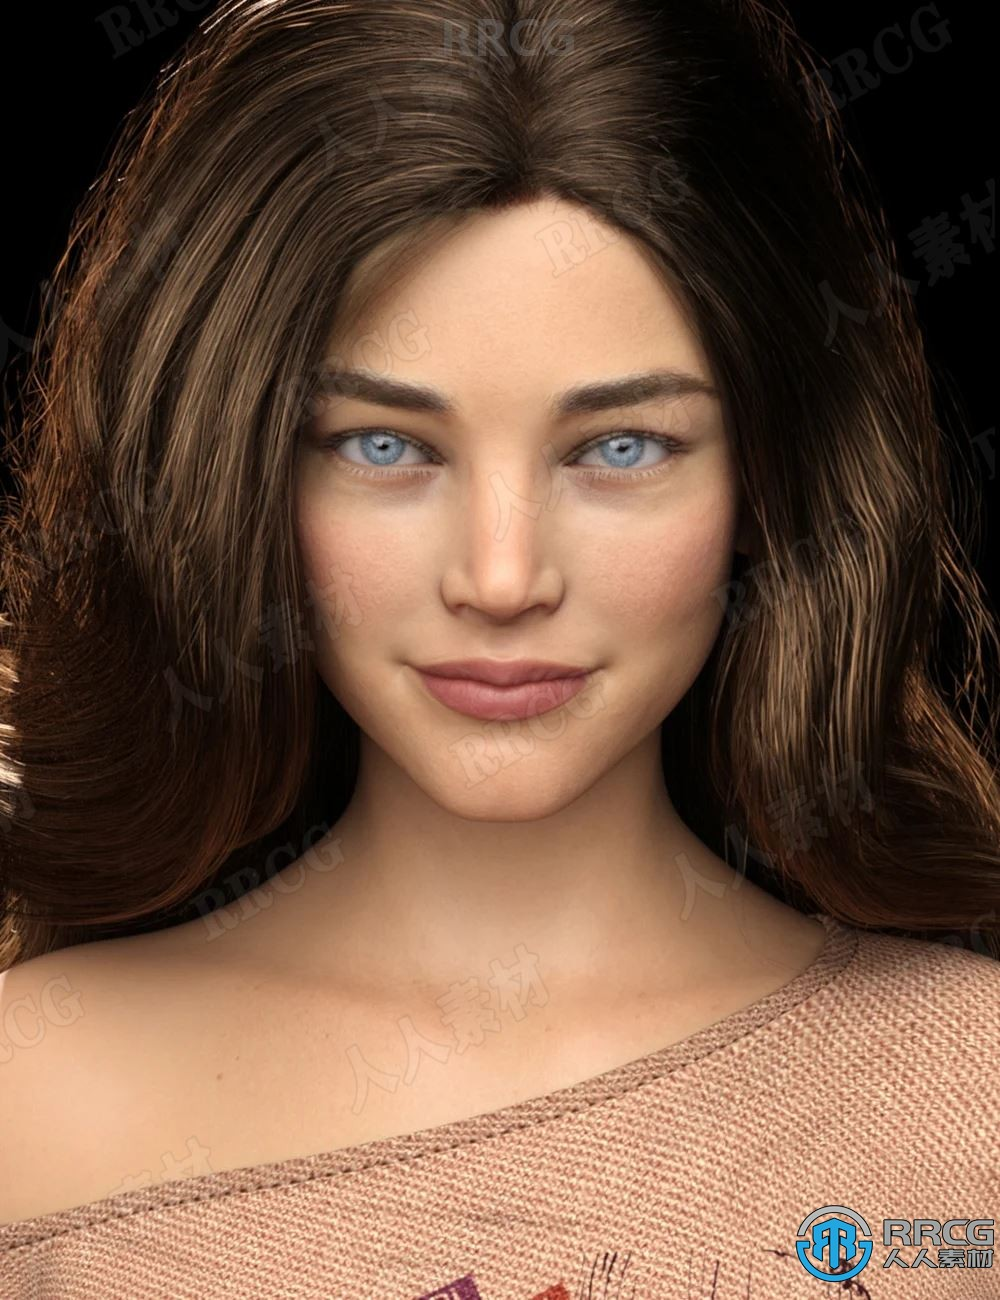 年轻美丽模特身材高清女性角色3D模型合集